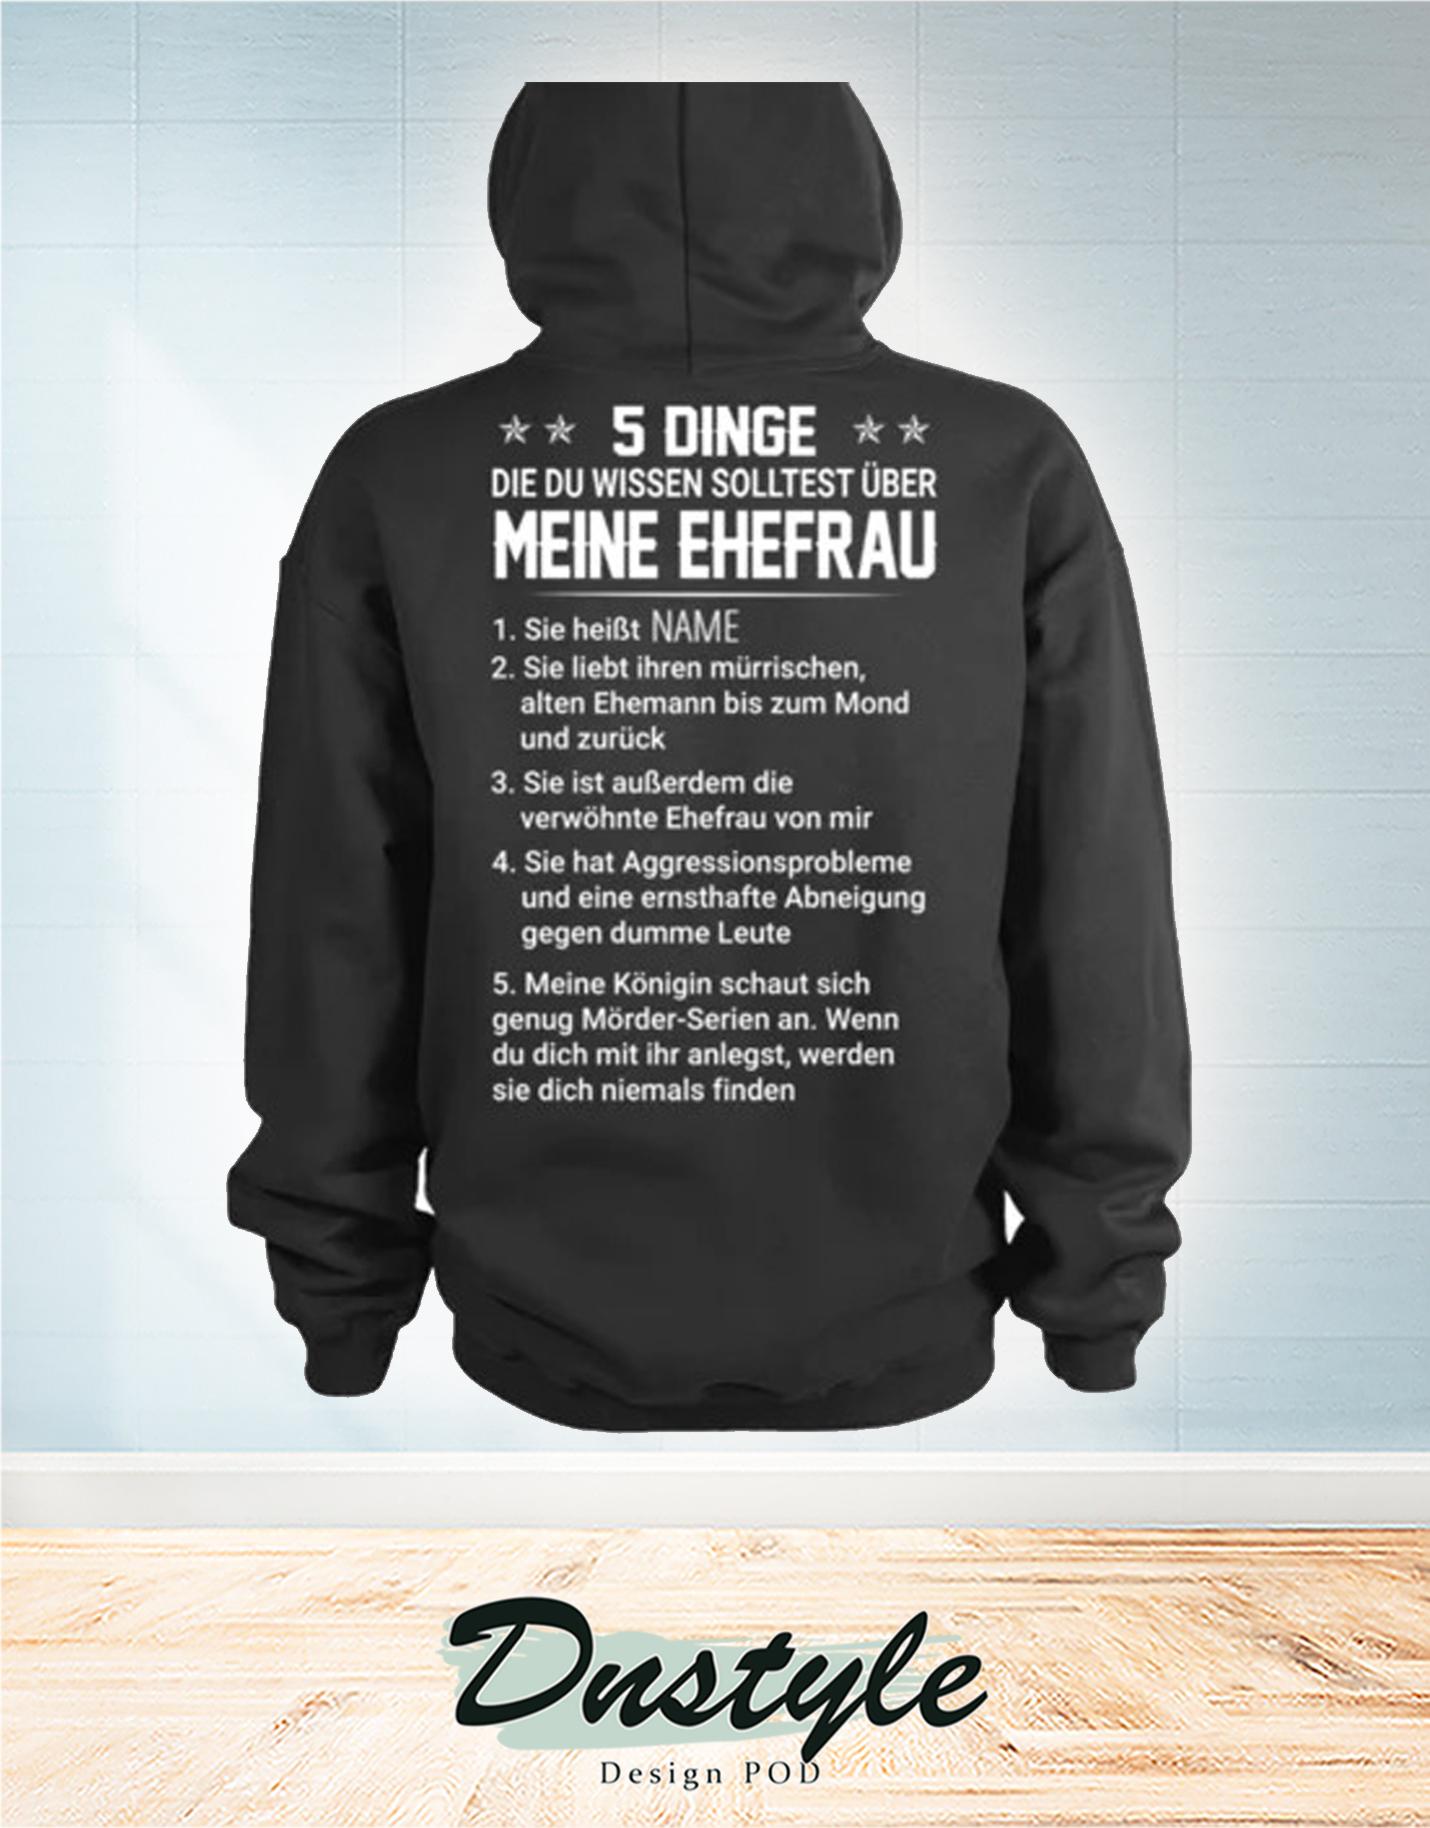 Benutzerdefiniert 5 dinge die du wissen solltest über meine ehefrau hoodie